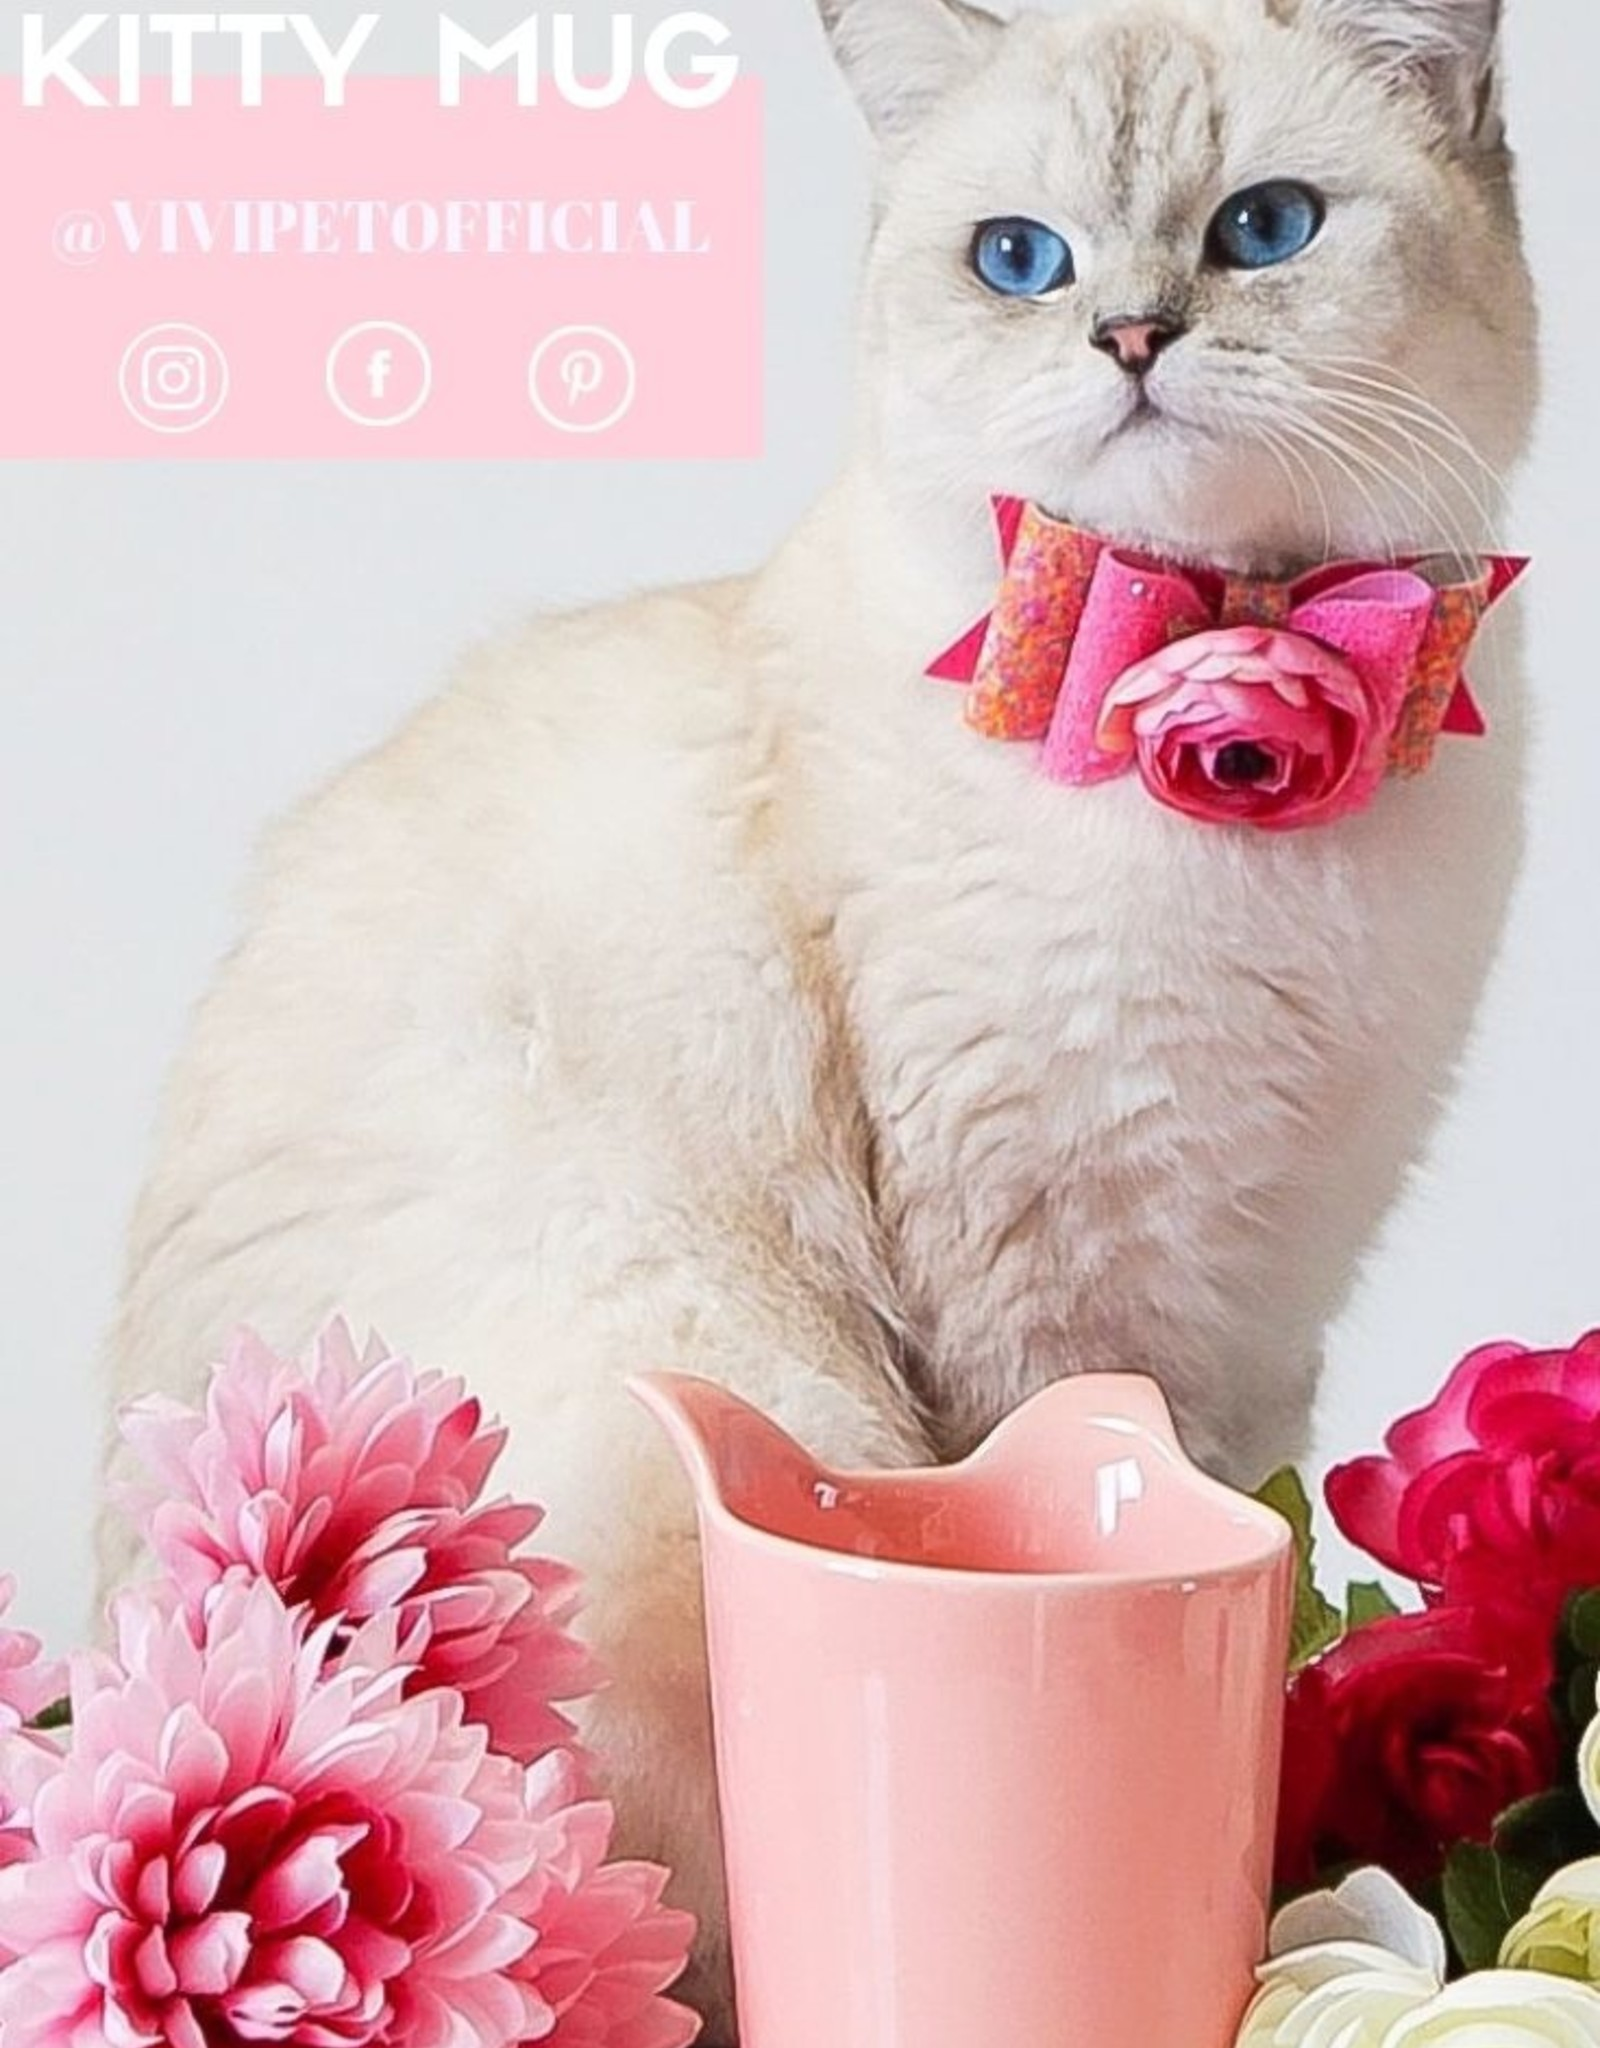 ViviPet ViviPet - Tall Kitty Mug Roze